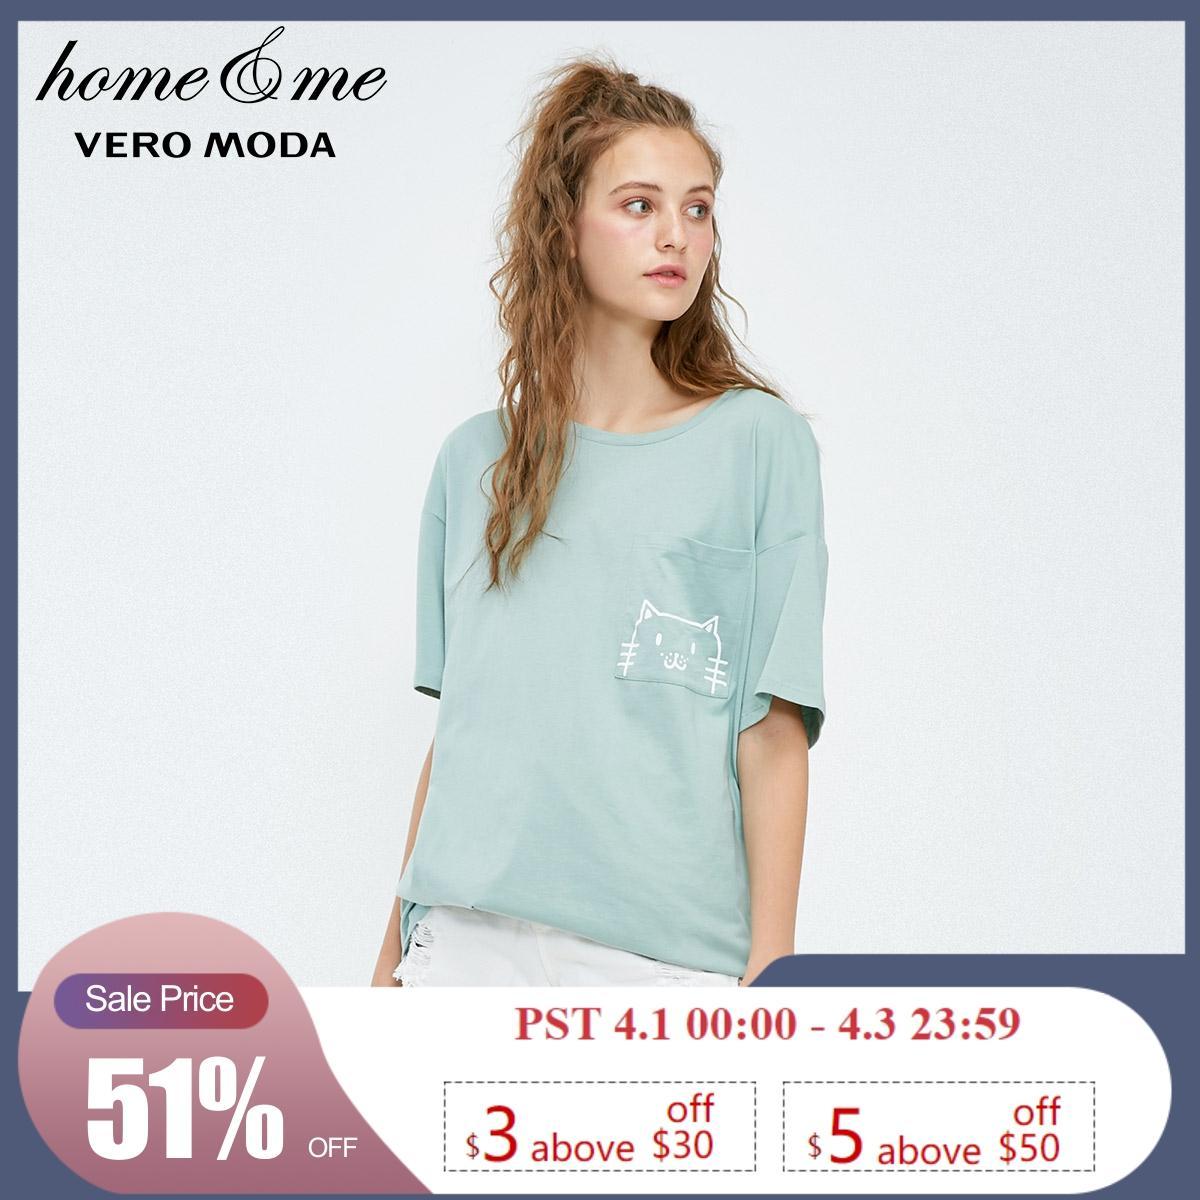 Vero Moda Spring & Summer Printed Round Neckline Loose Fit T-shirt | 318401501